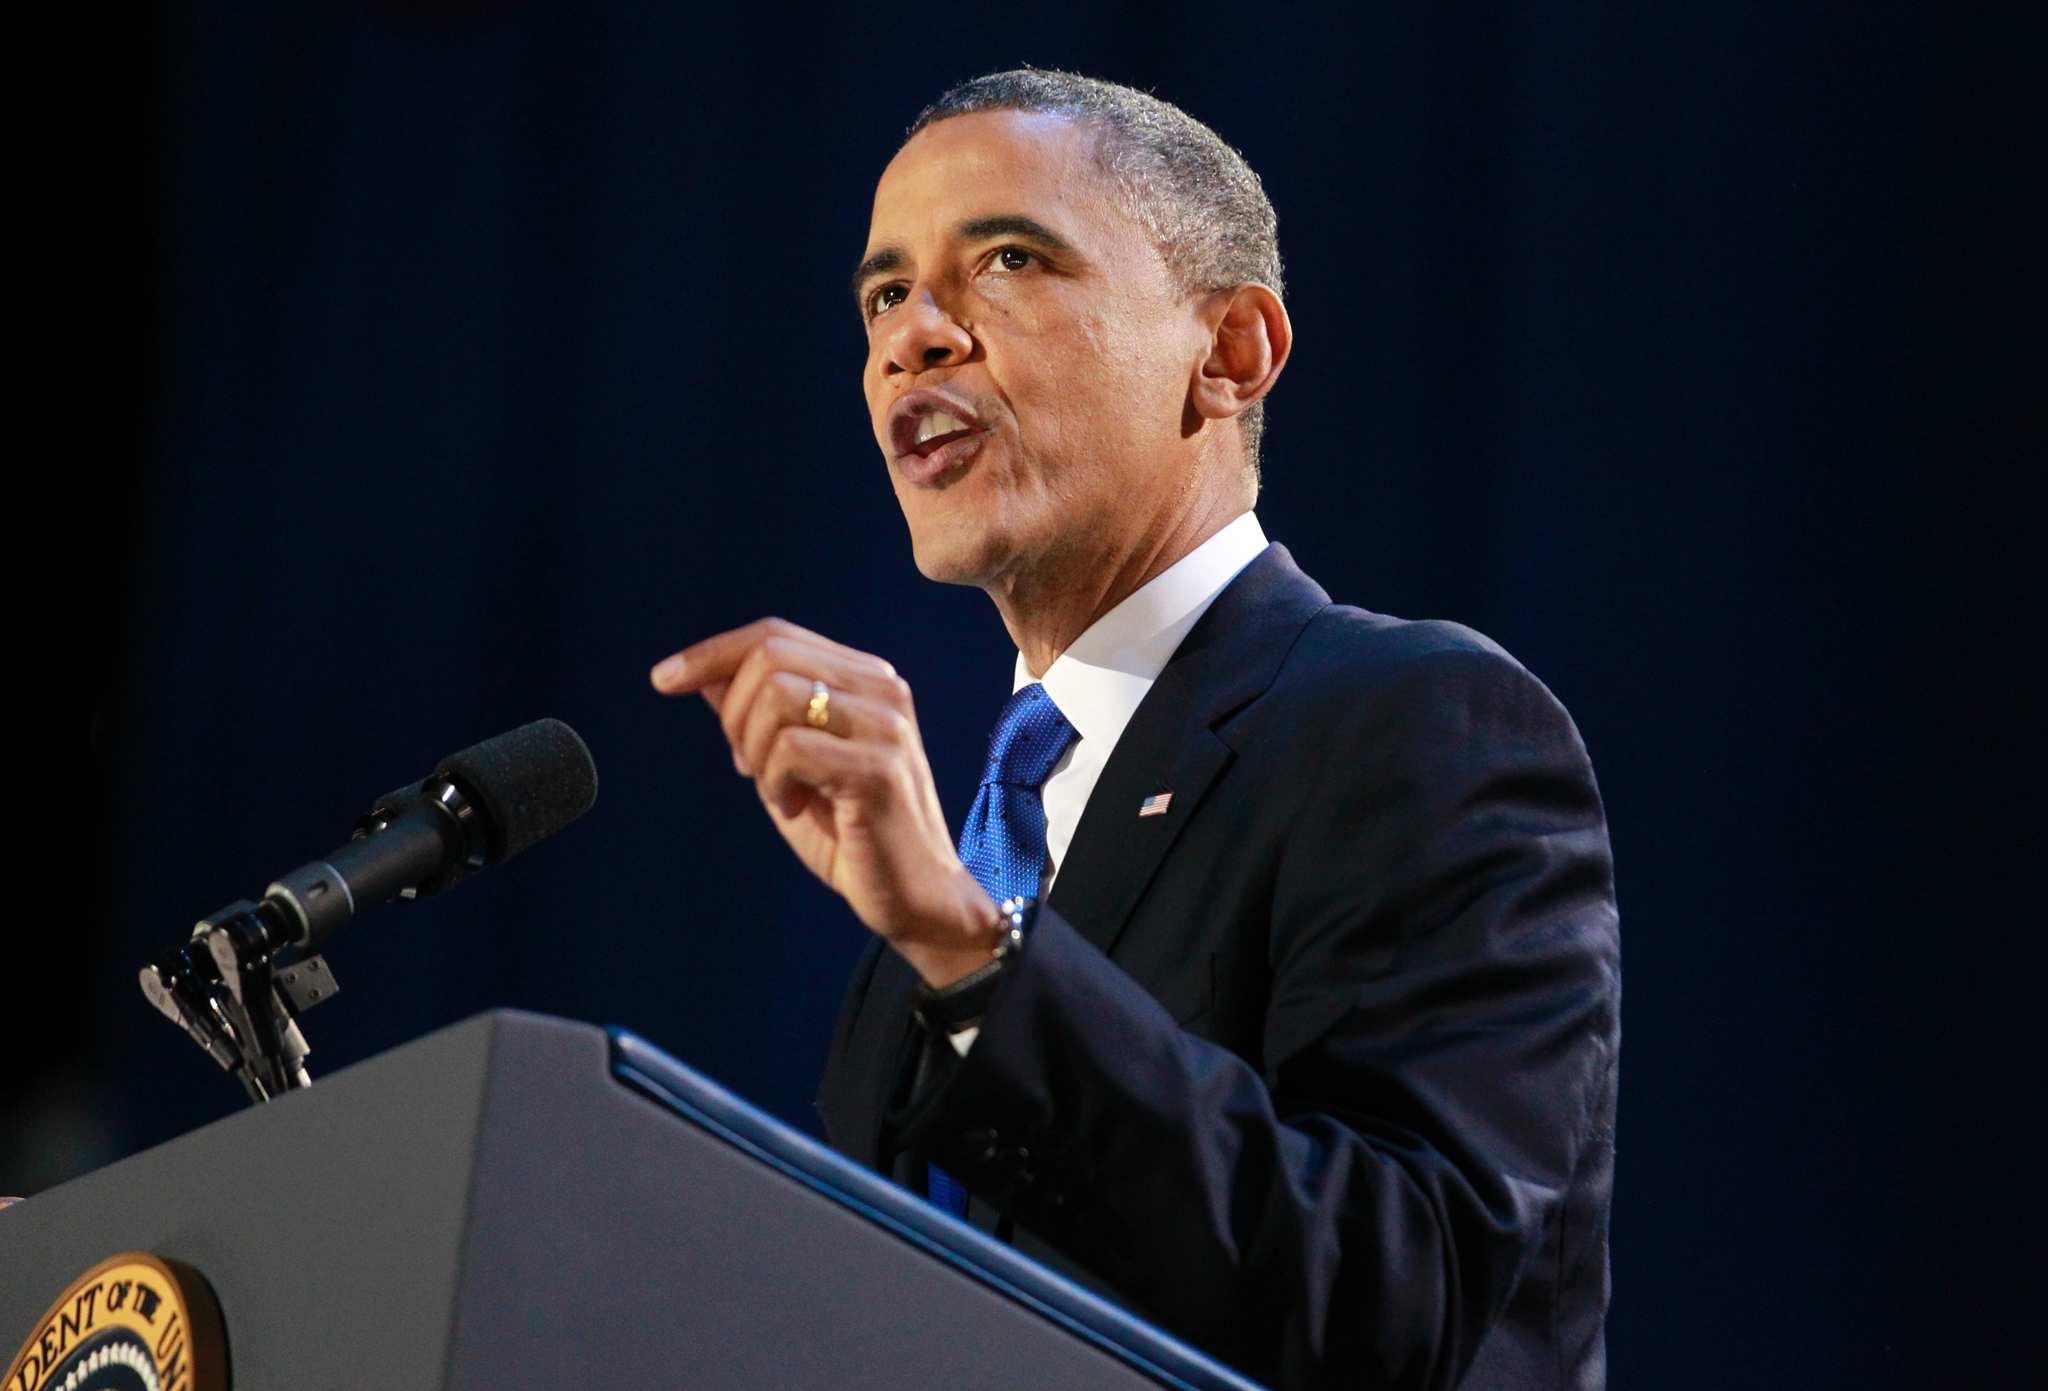 Obama defiende su reforma sanitaria y advierte contra desinformación